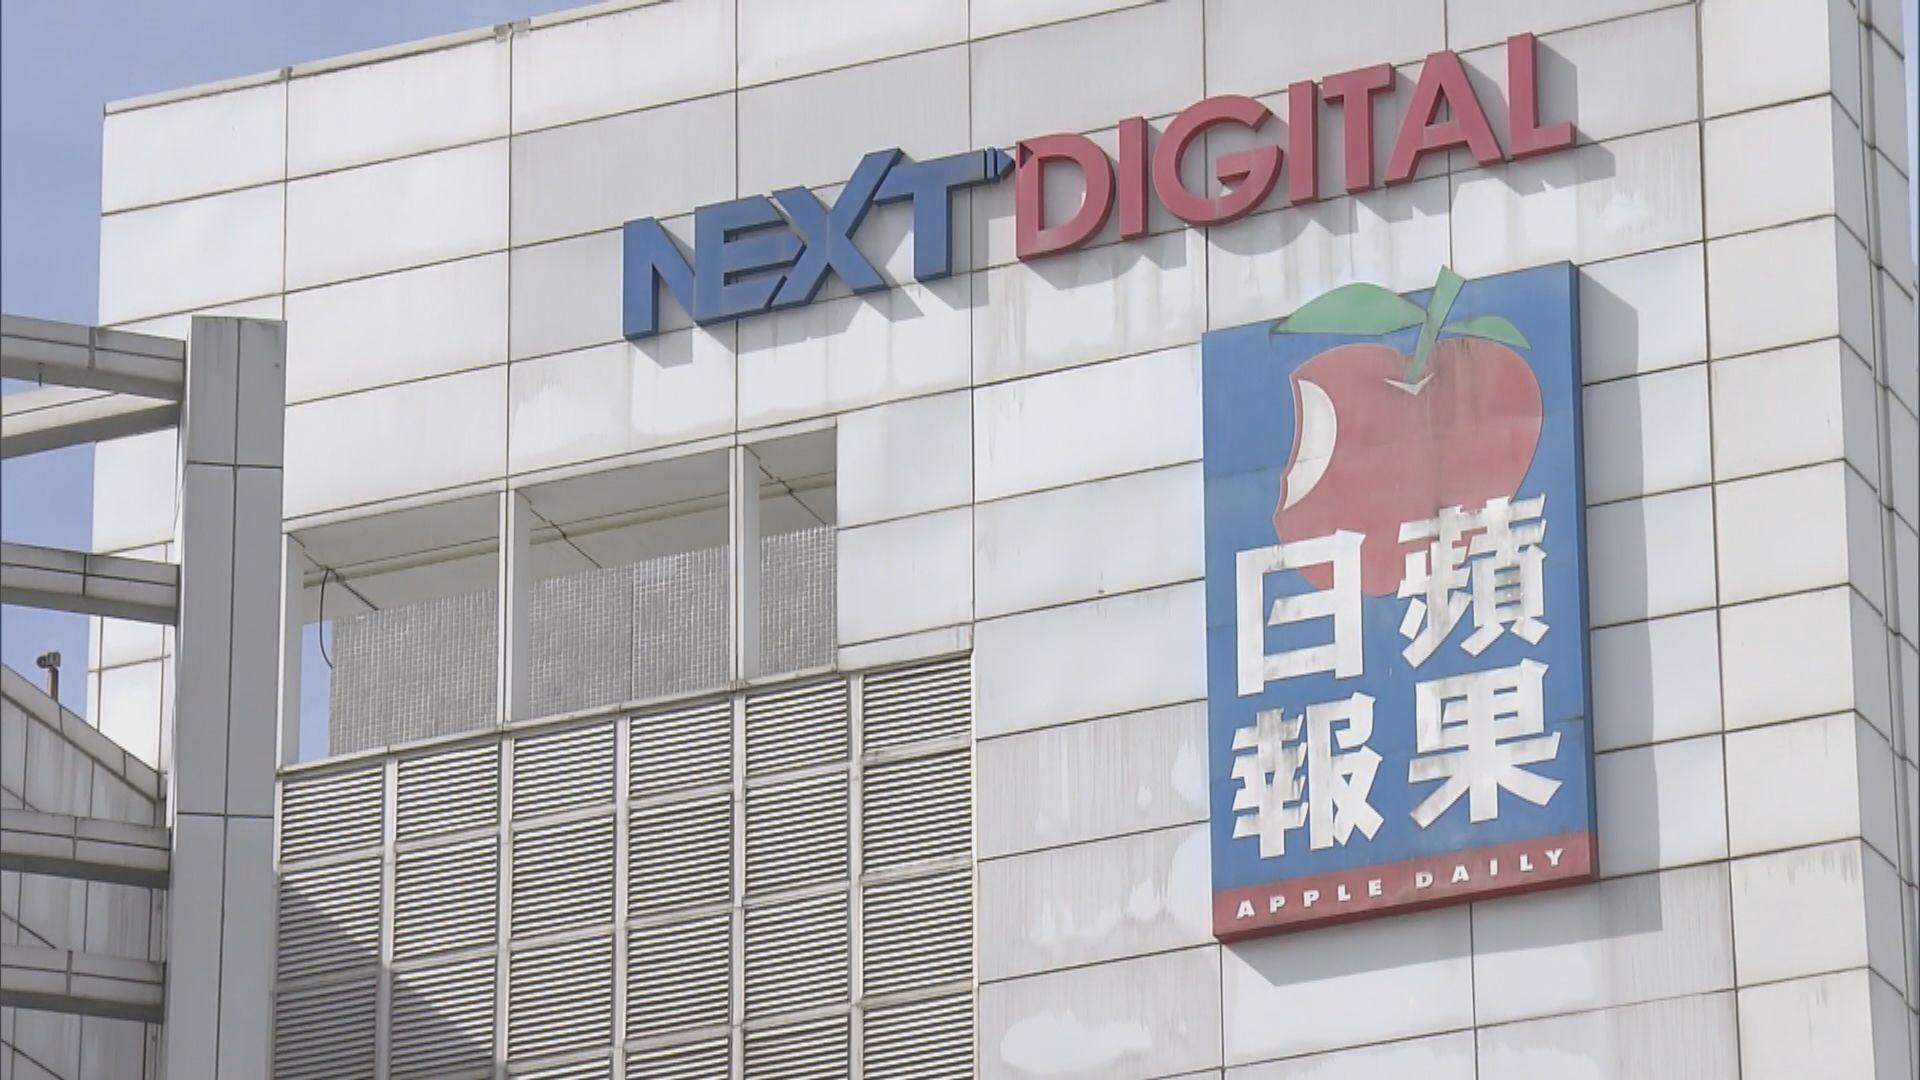 媒體自由聯盟發聲明關注香港新聞自由被打壓